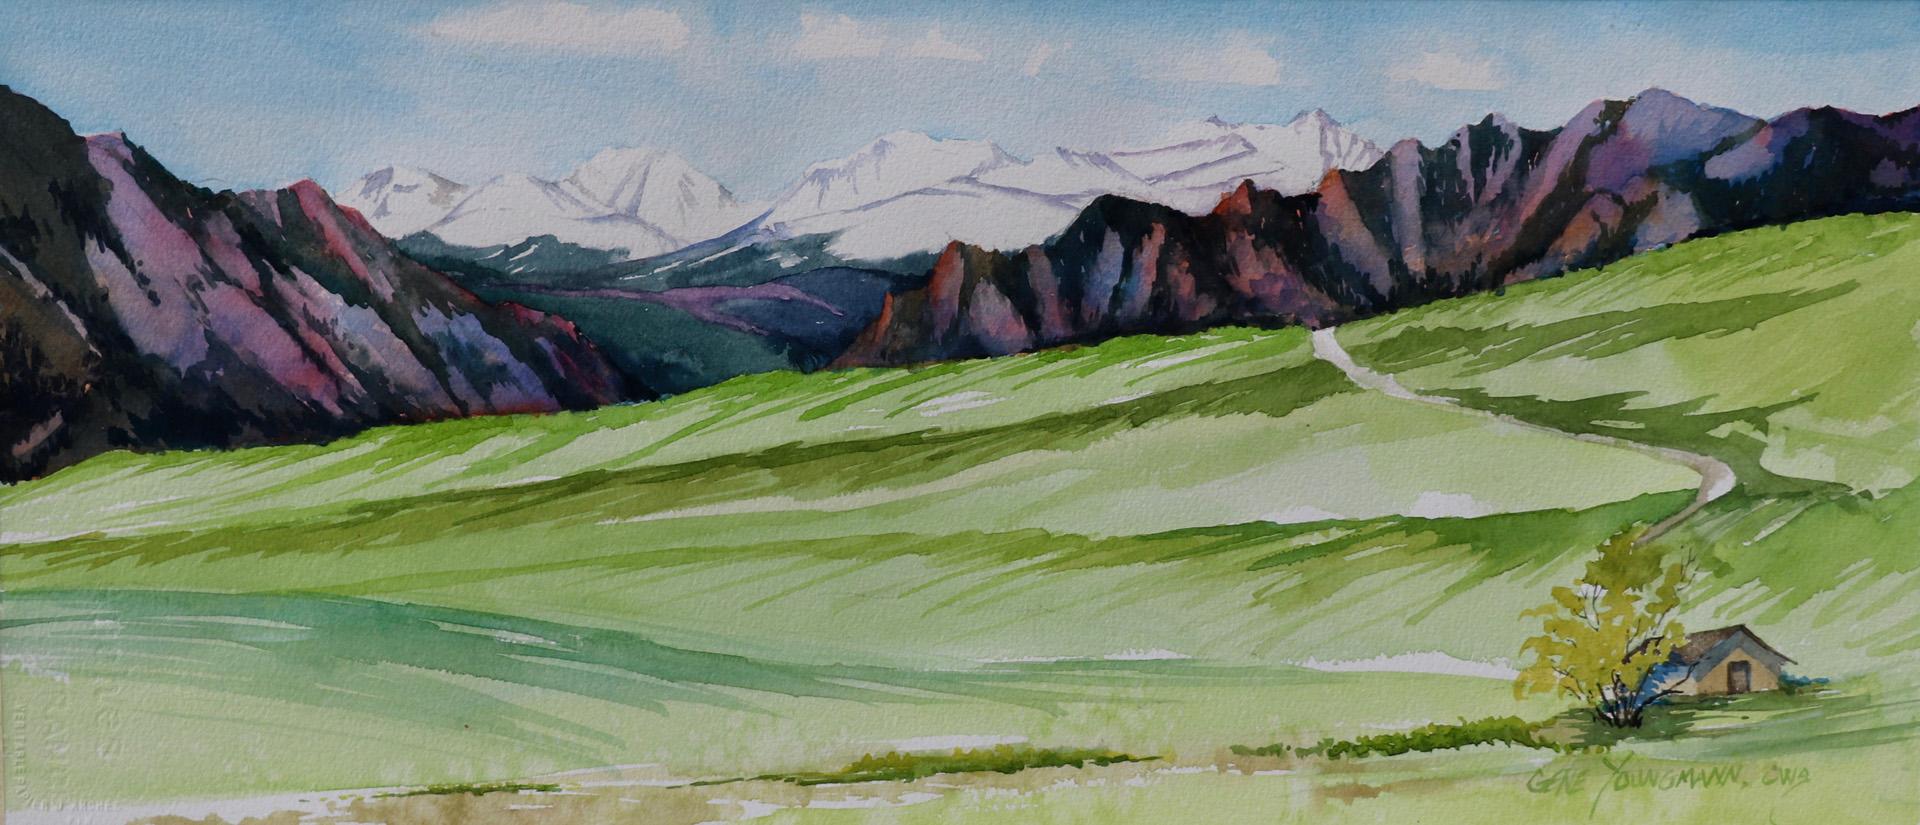 View from Walnut Creek